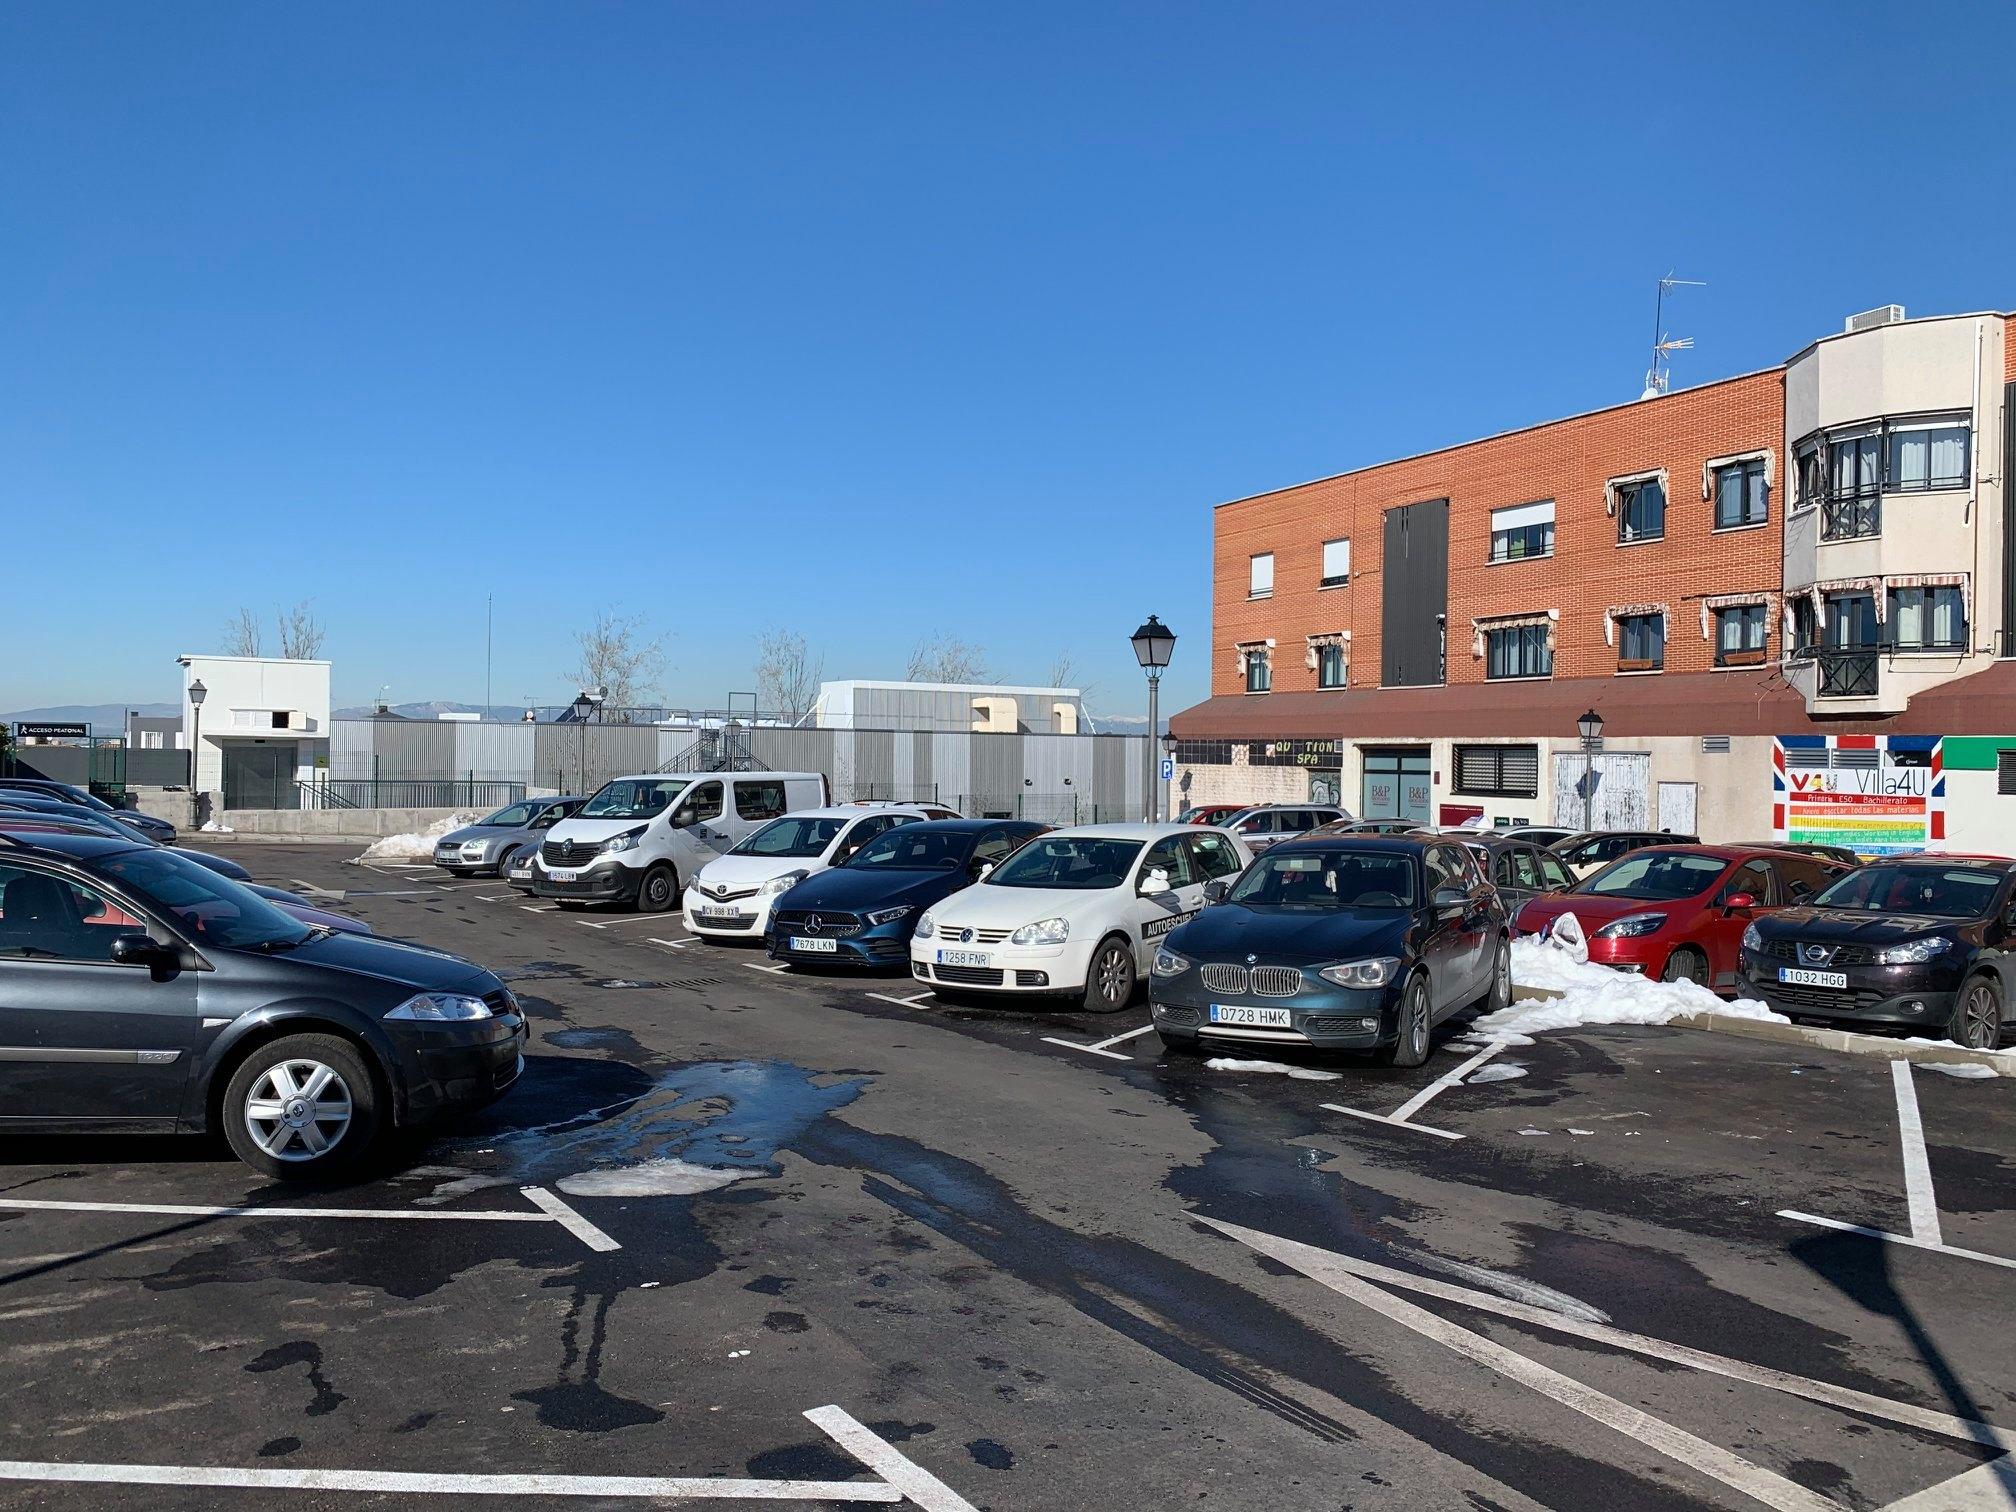 Texto Alternativo: Habilitados los parkings al aire libre de Villaviciosa